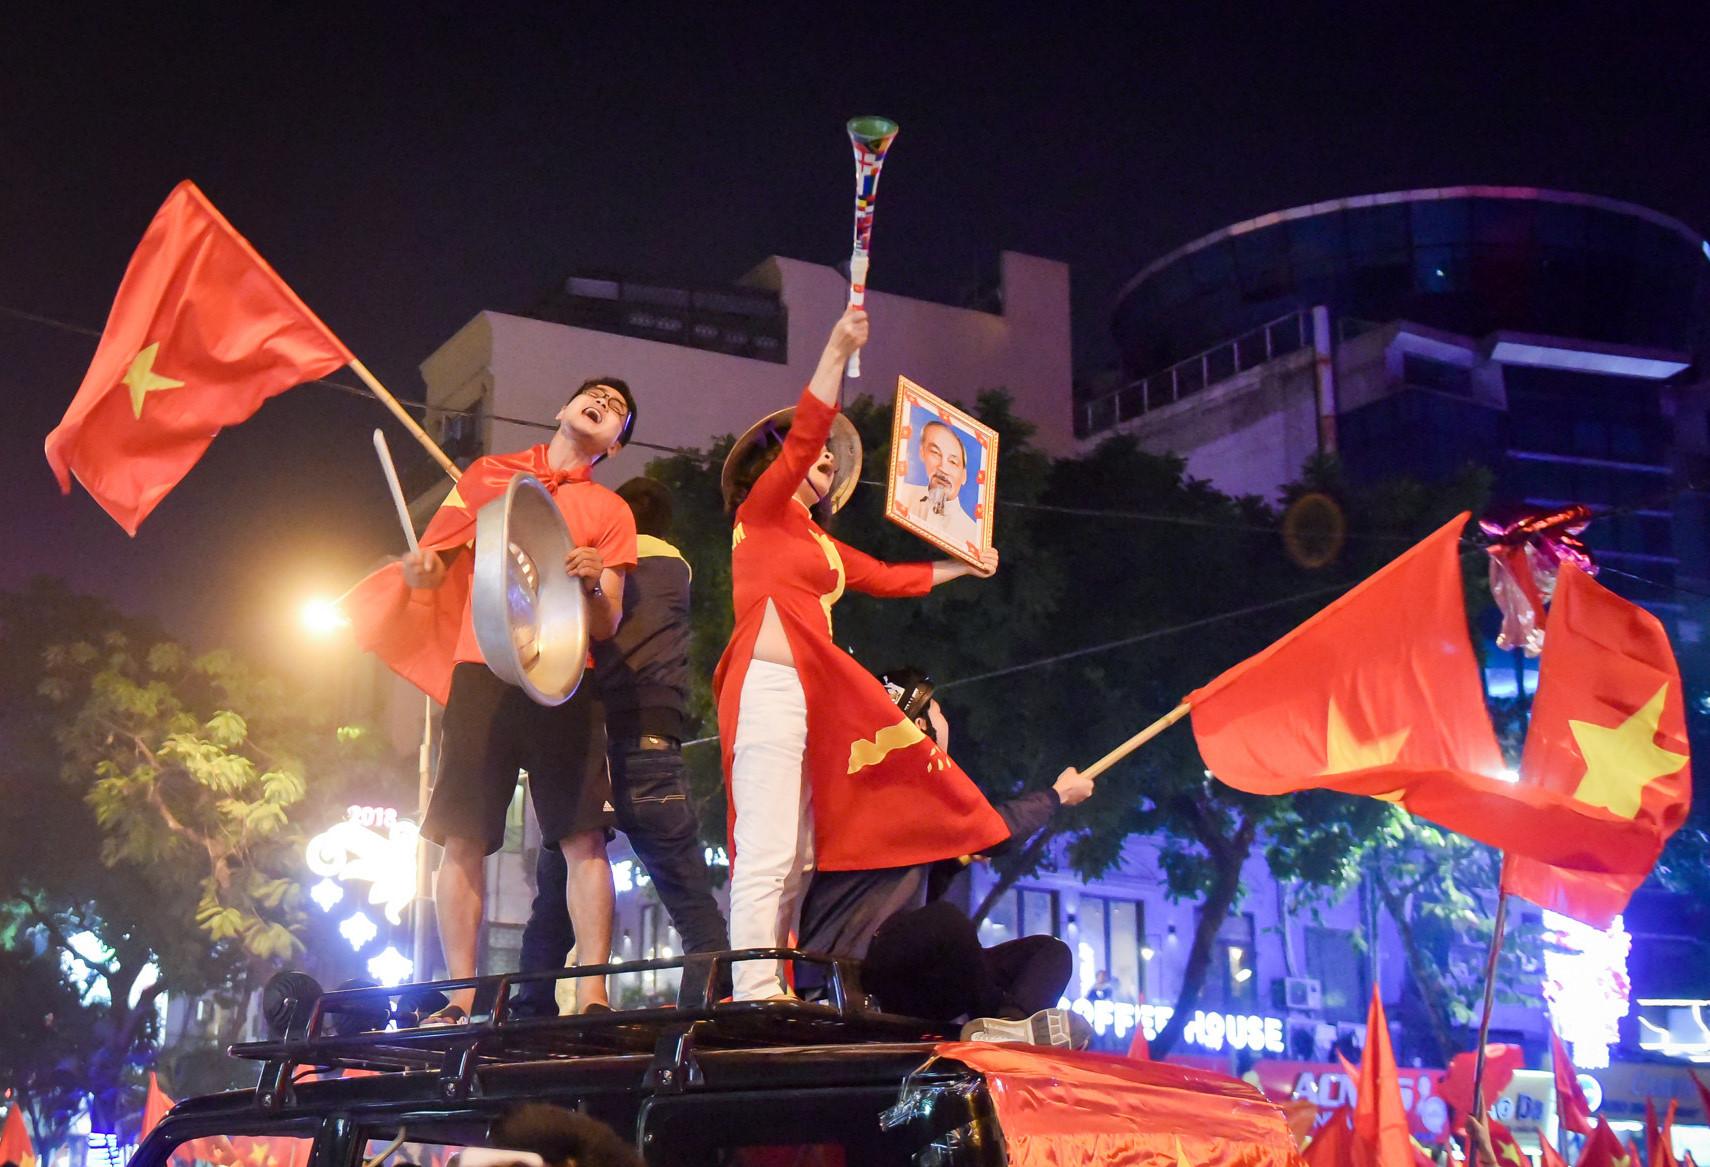 Hà Nội, Đà Nẵng thưởng 2 tỷ đồng cho tuyển U23 Việt Nam